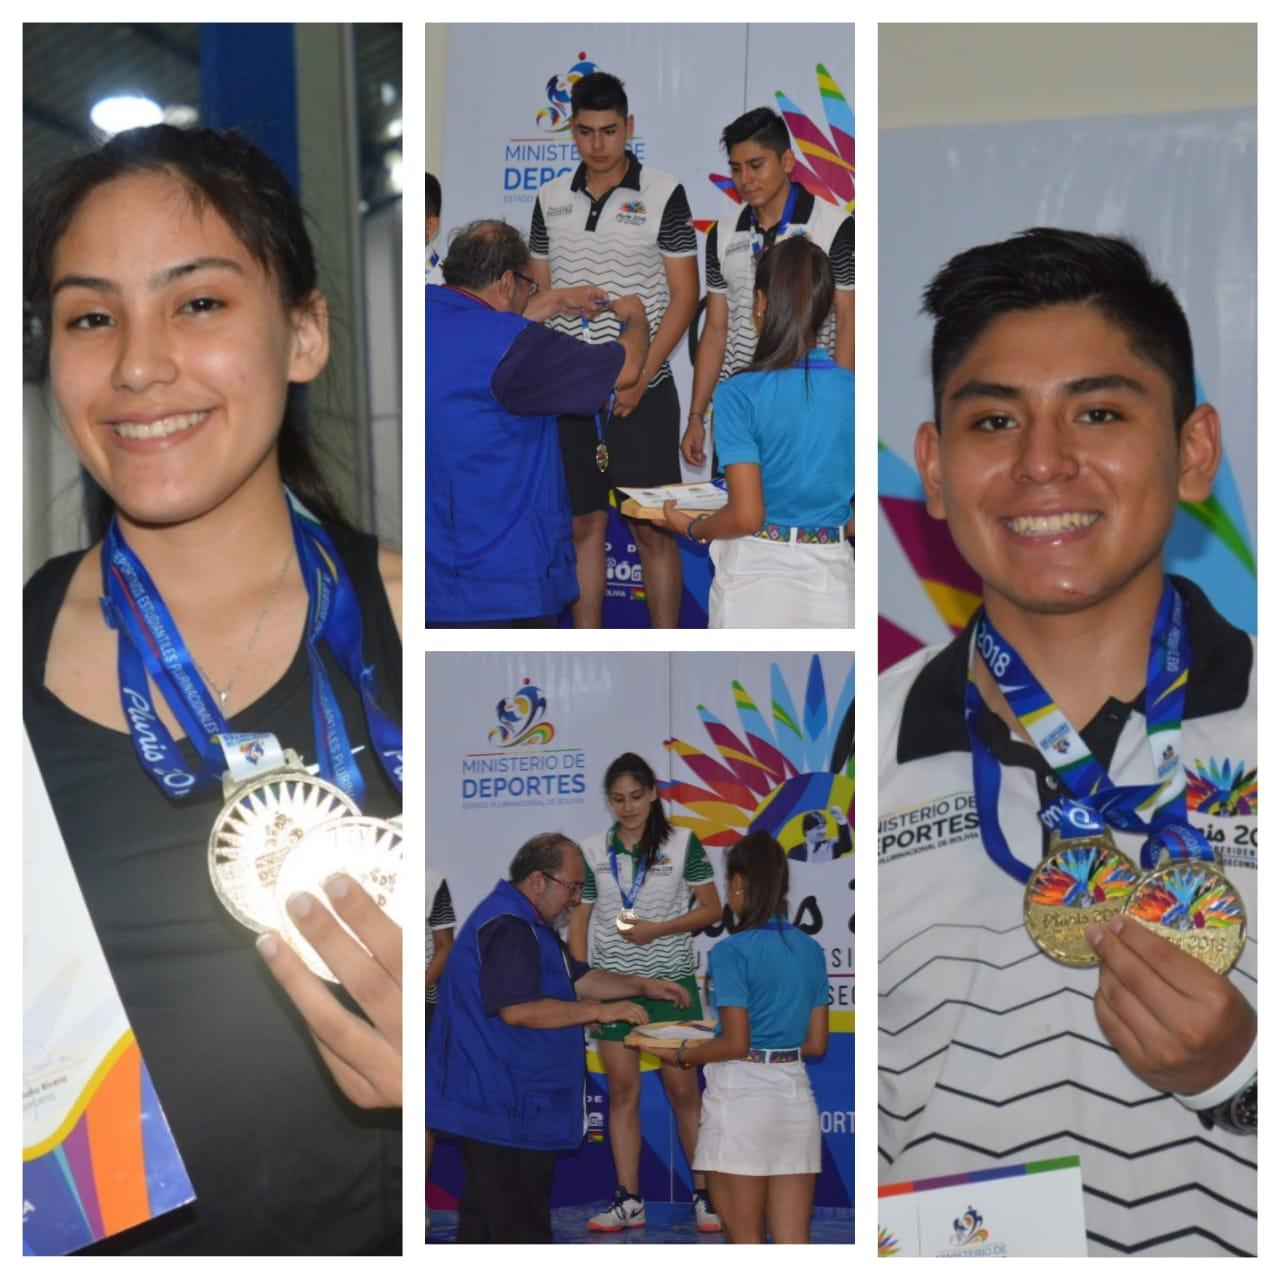 Diego García y Micaela Meneses mundialistas en raquetbol ganaron oro en los Pluris 2018